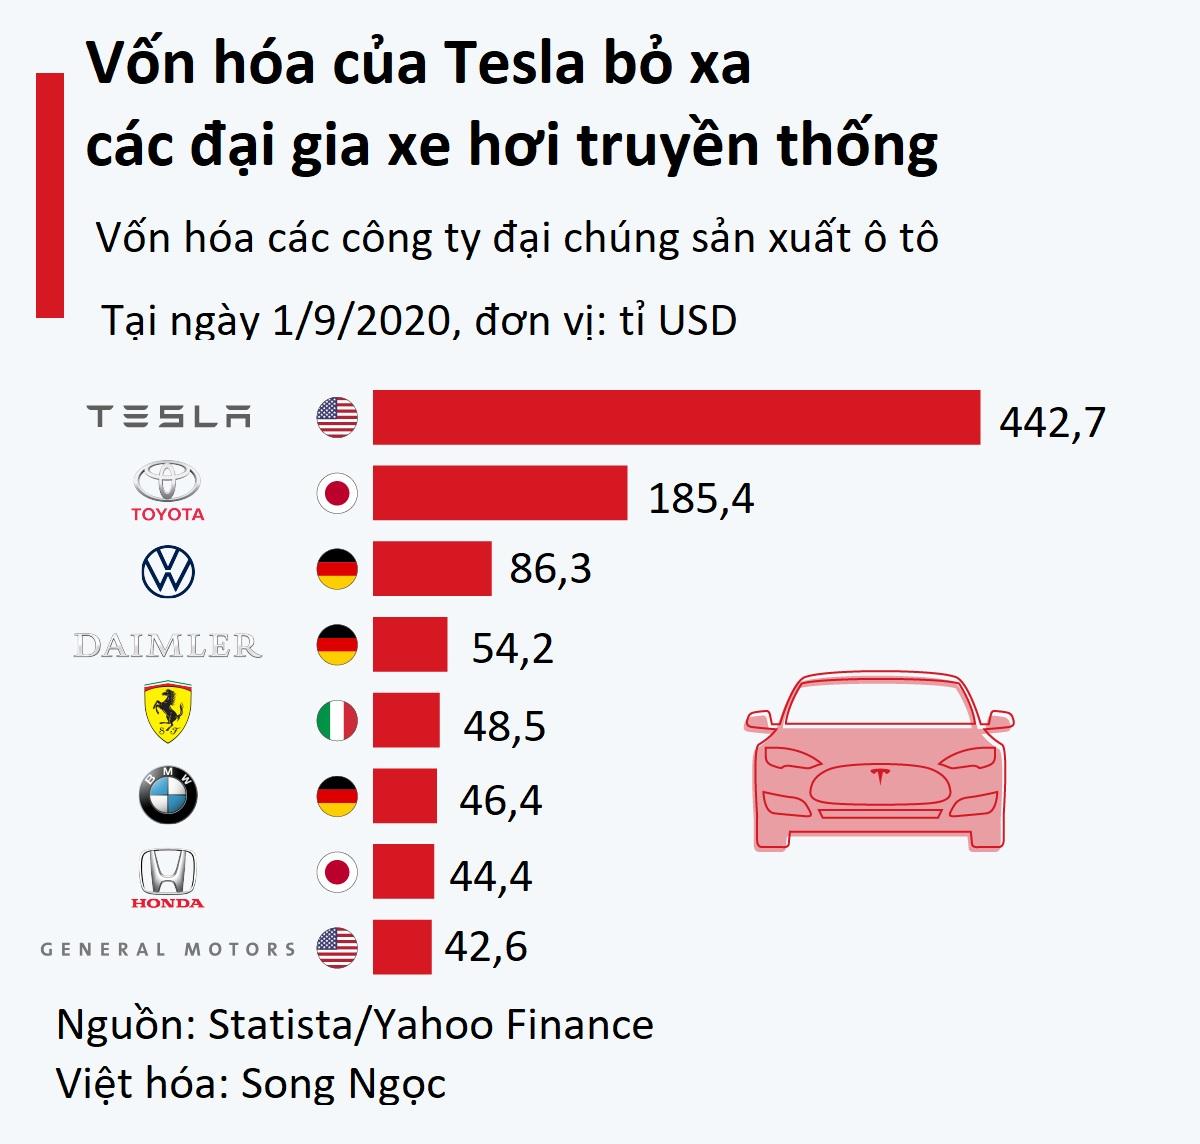 Tân binh xe điện tăng trưởng gần 1.000%, vượt xa các đại gia lâu đời - Ảnh 2.